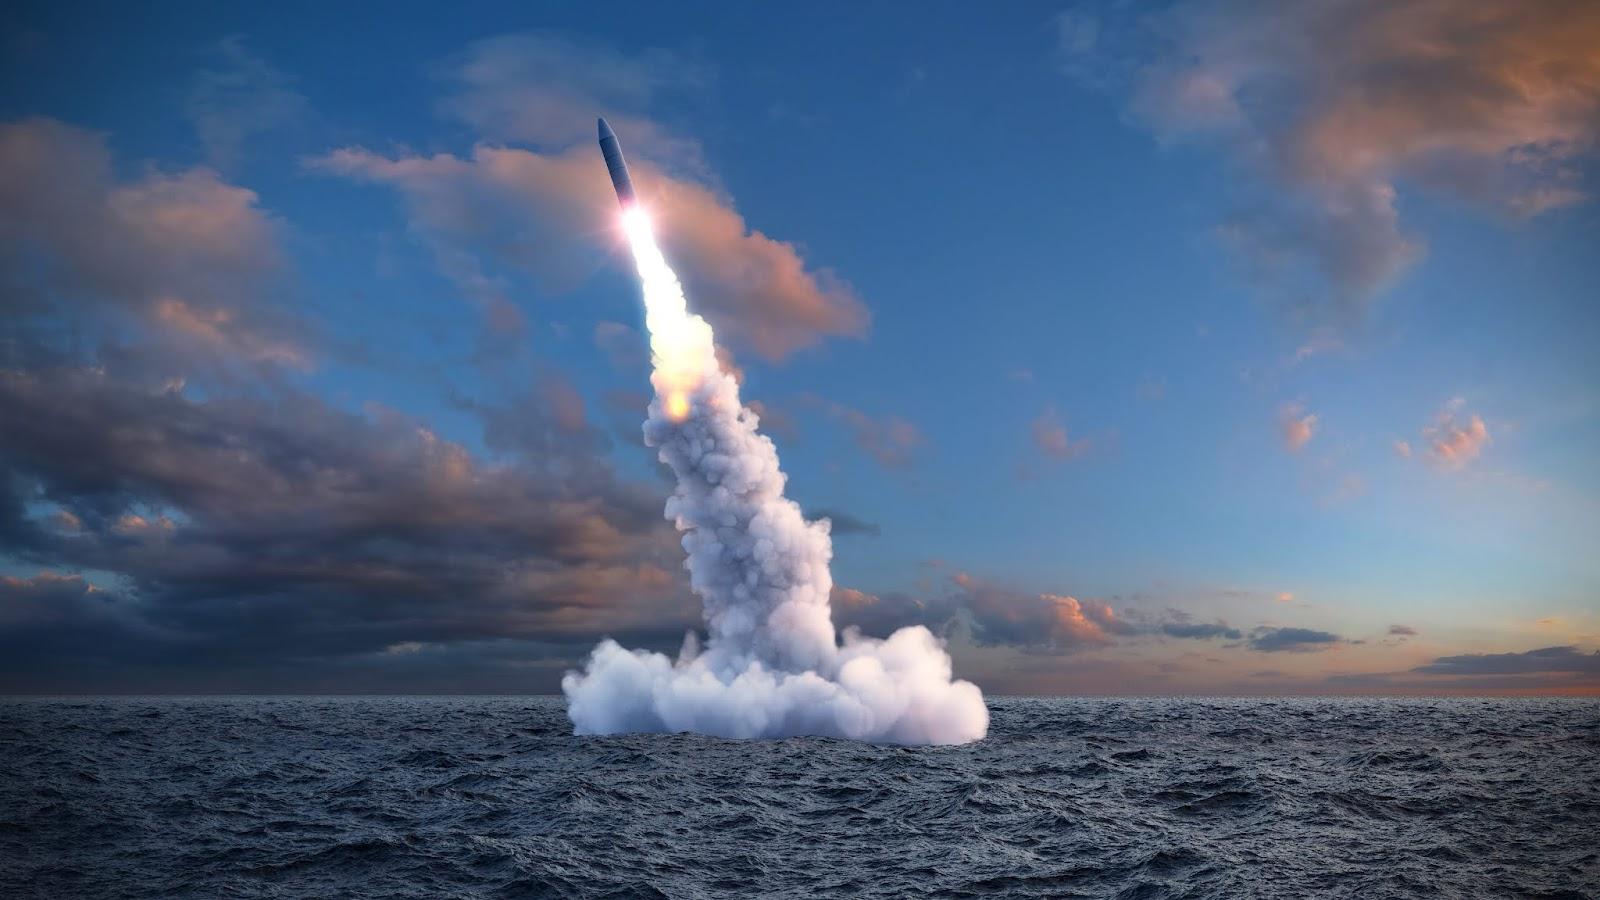 """""""Irgendwann reicht's einfach!"""" – Meer schießt Rakete auf Nordkorea zurück"""